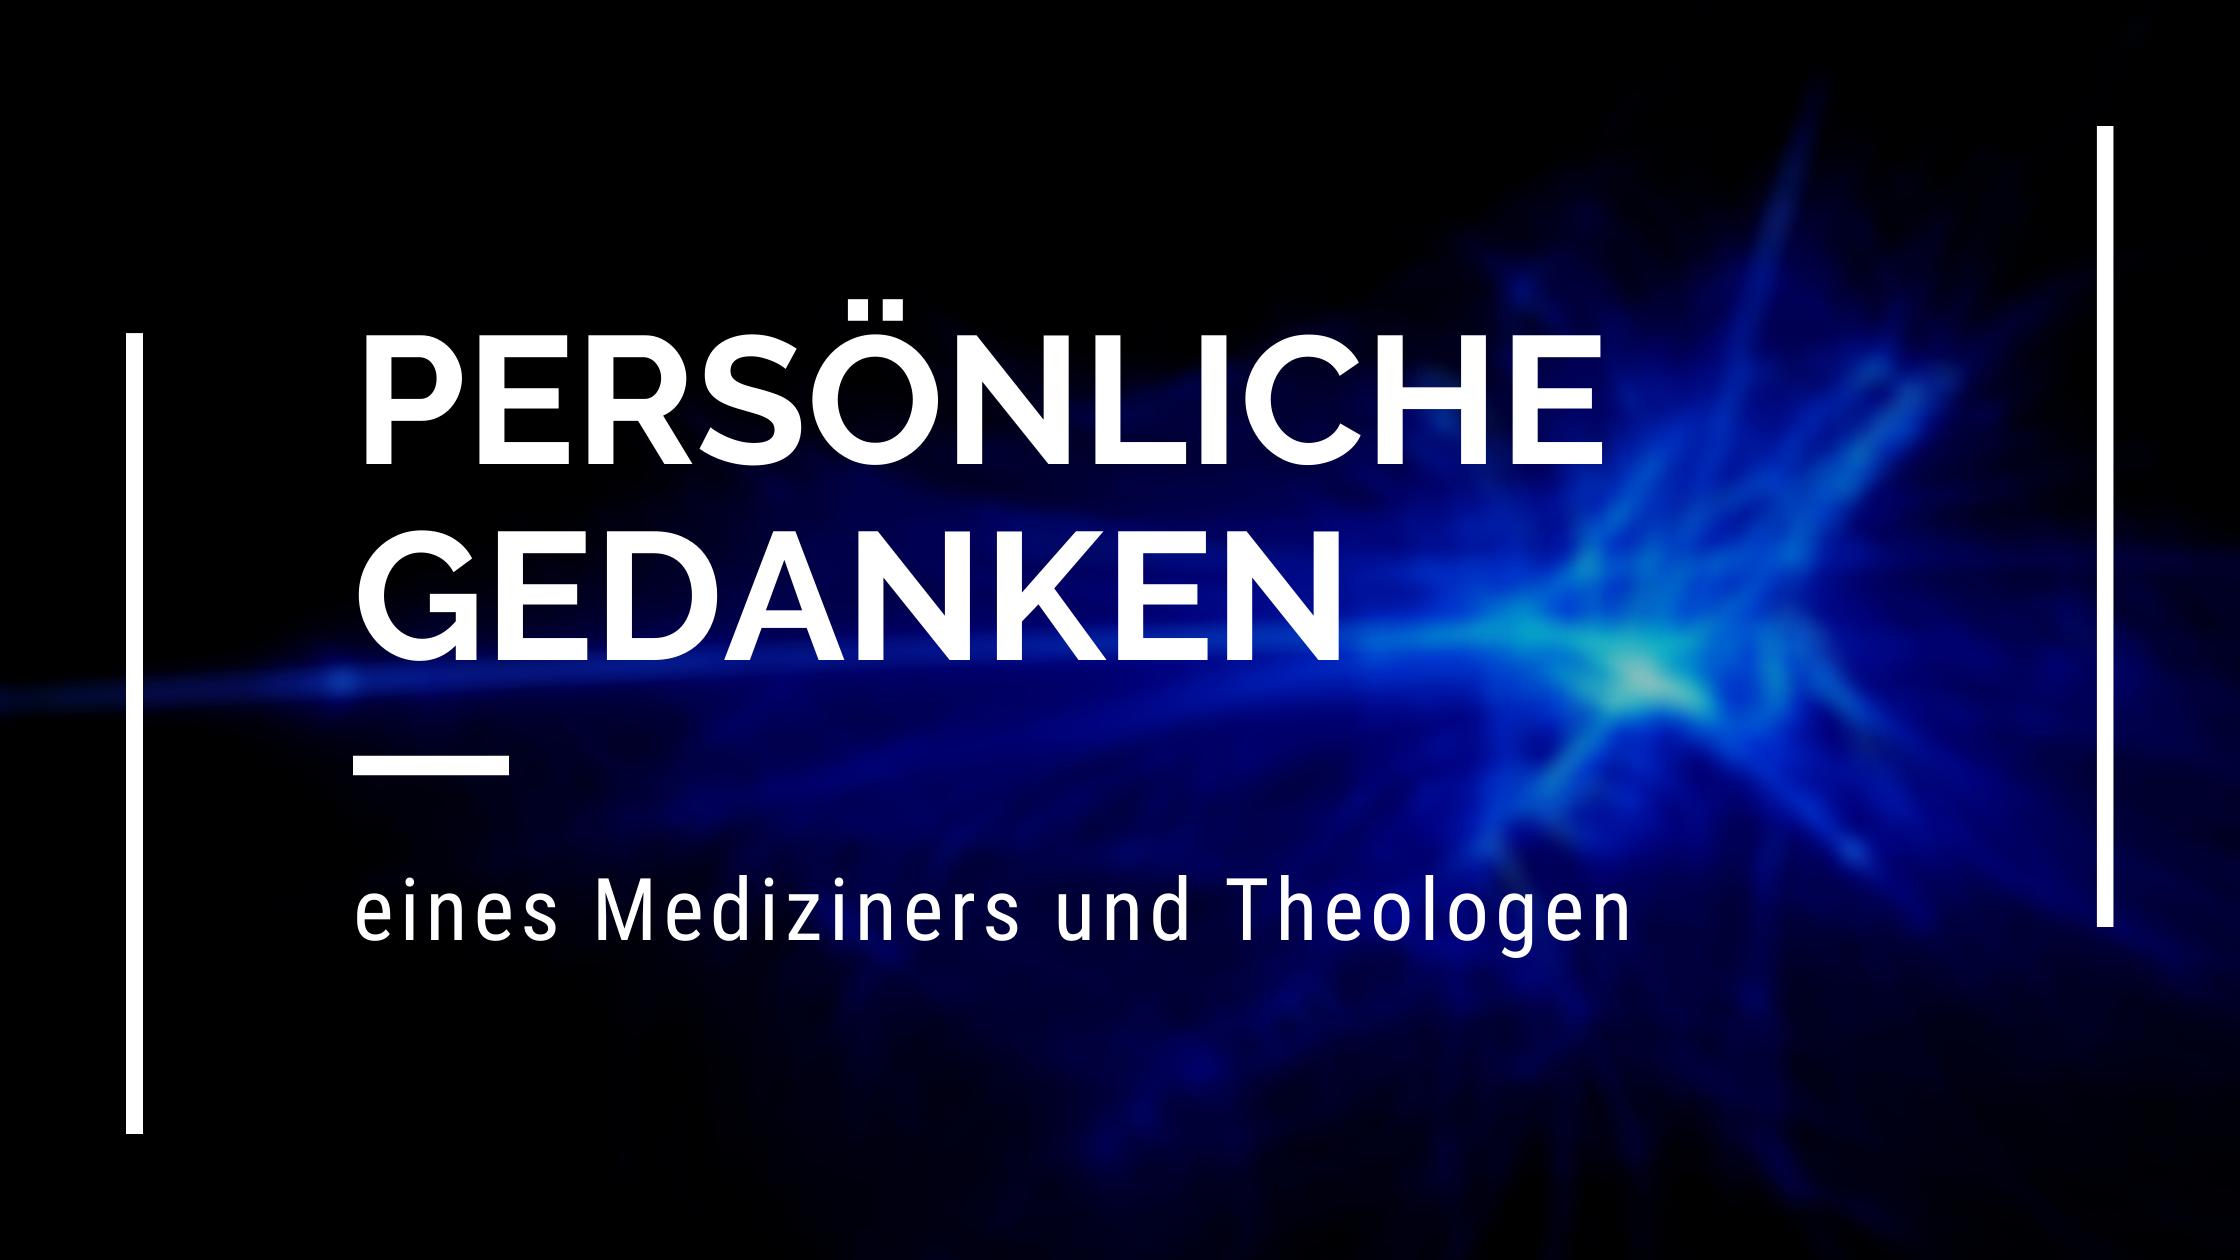 Persönliche Gedanken eines Mediziners & Theologen